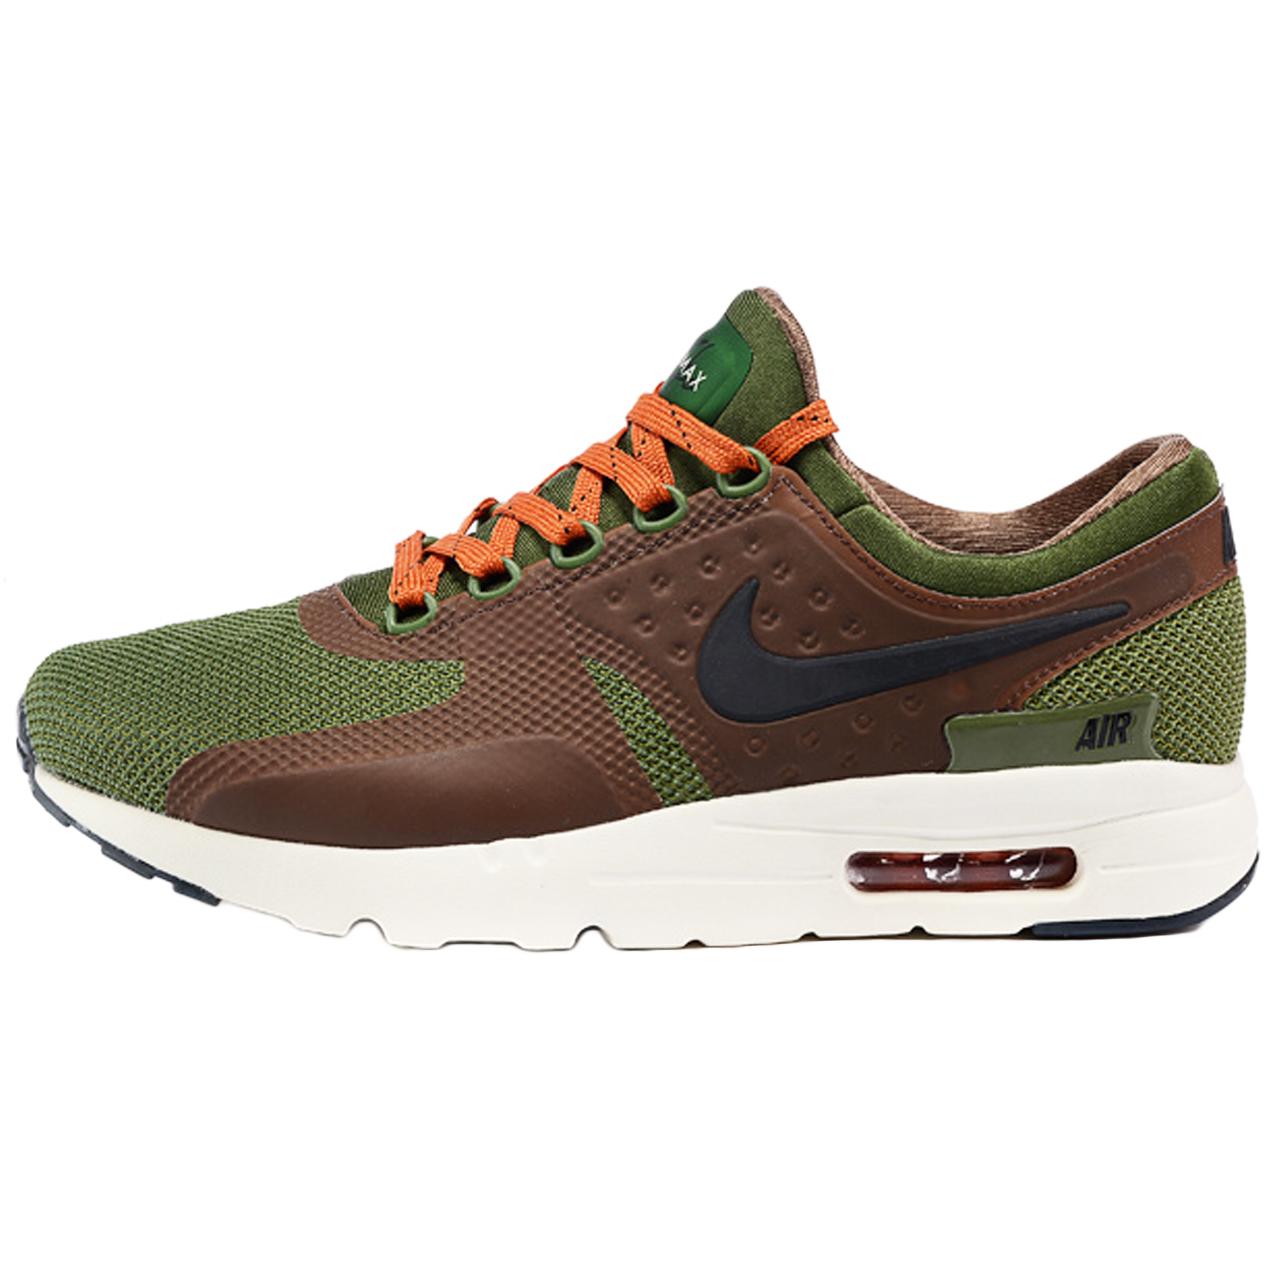 قیمت کفش مخصوص دویدن و پیاده روی مردانه نایکی مدل Air Max Zero QS کدG8756